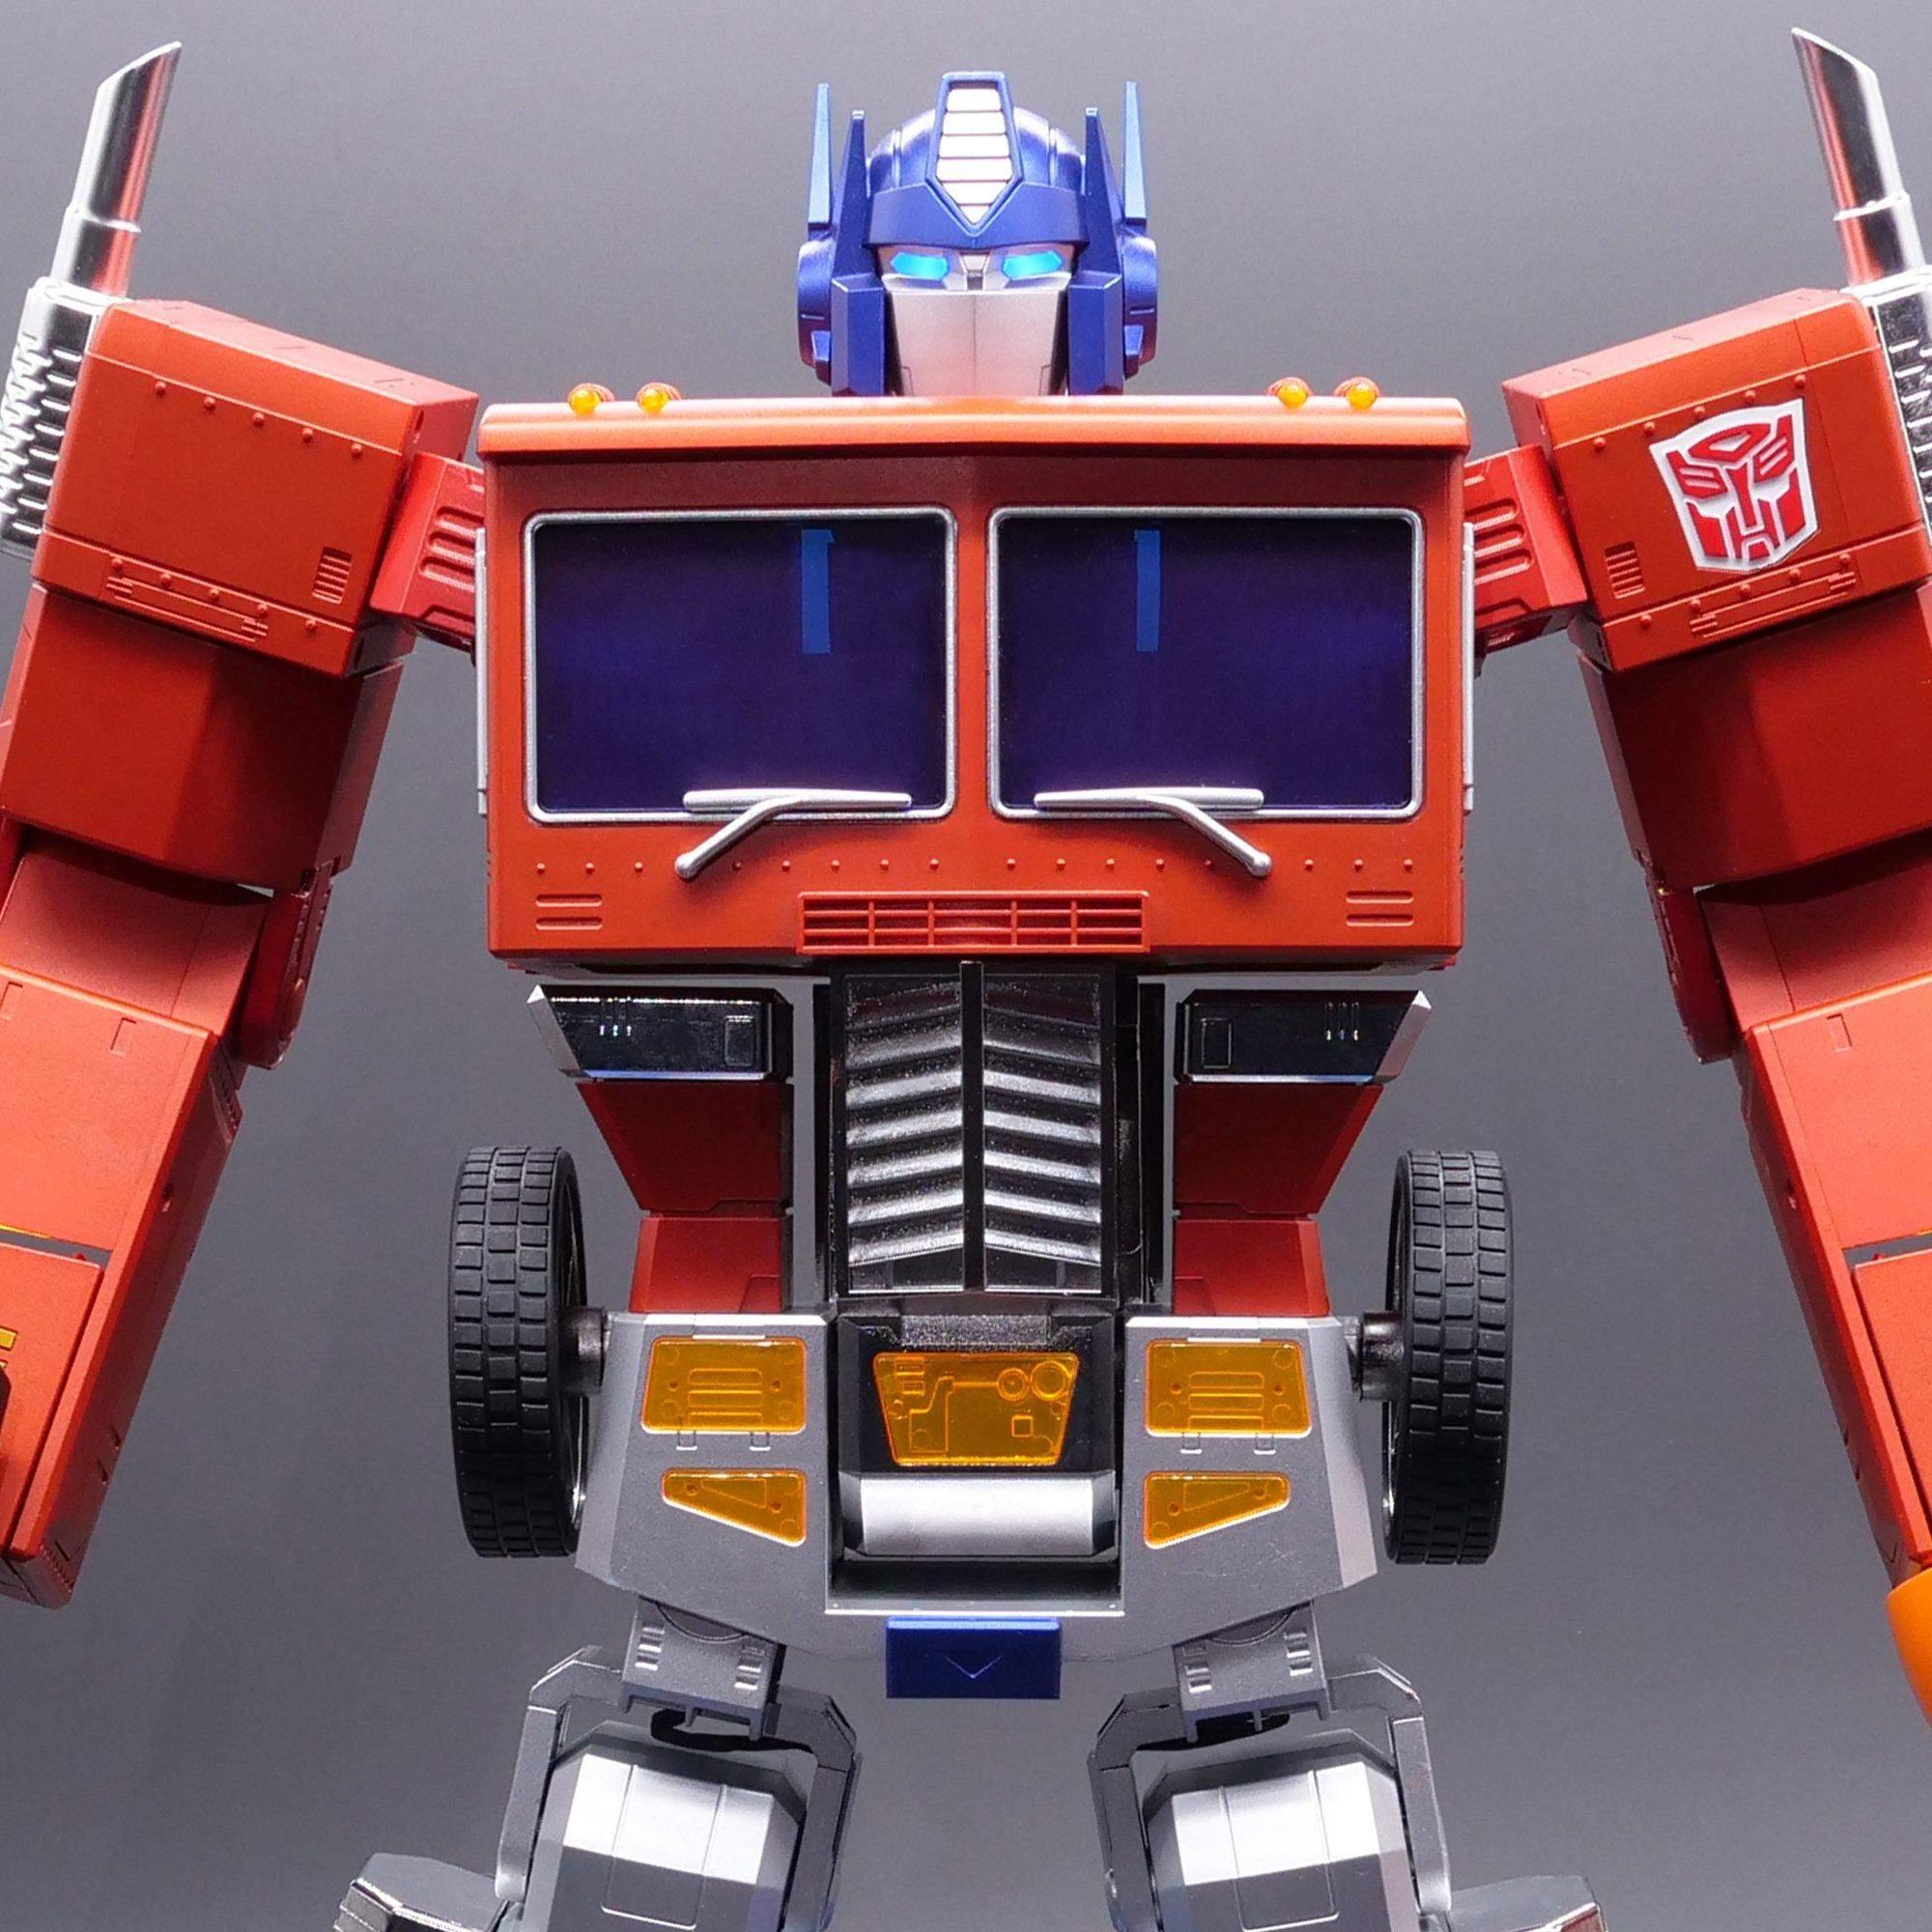 Hasbro представила інтерактивного робота Optimus Prime з функцією автоматичного перетворення